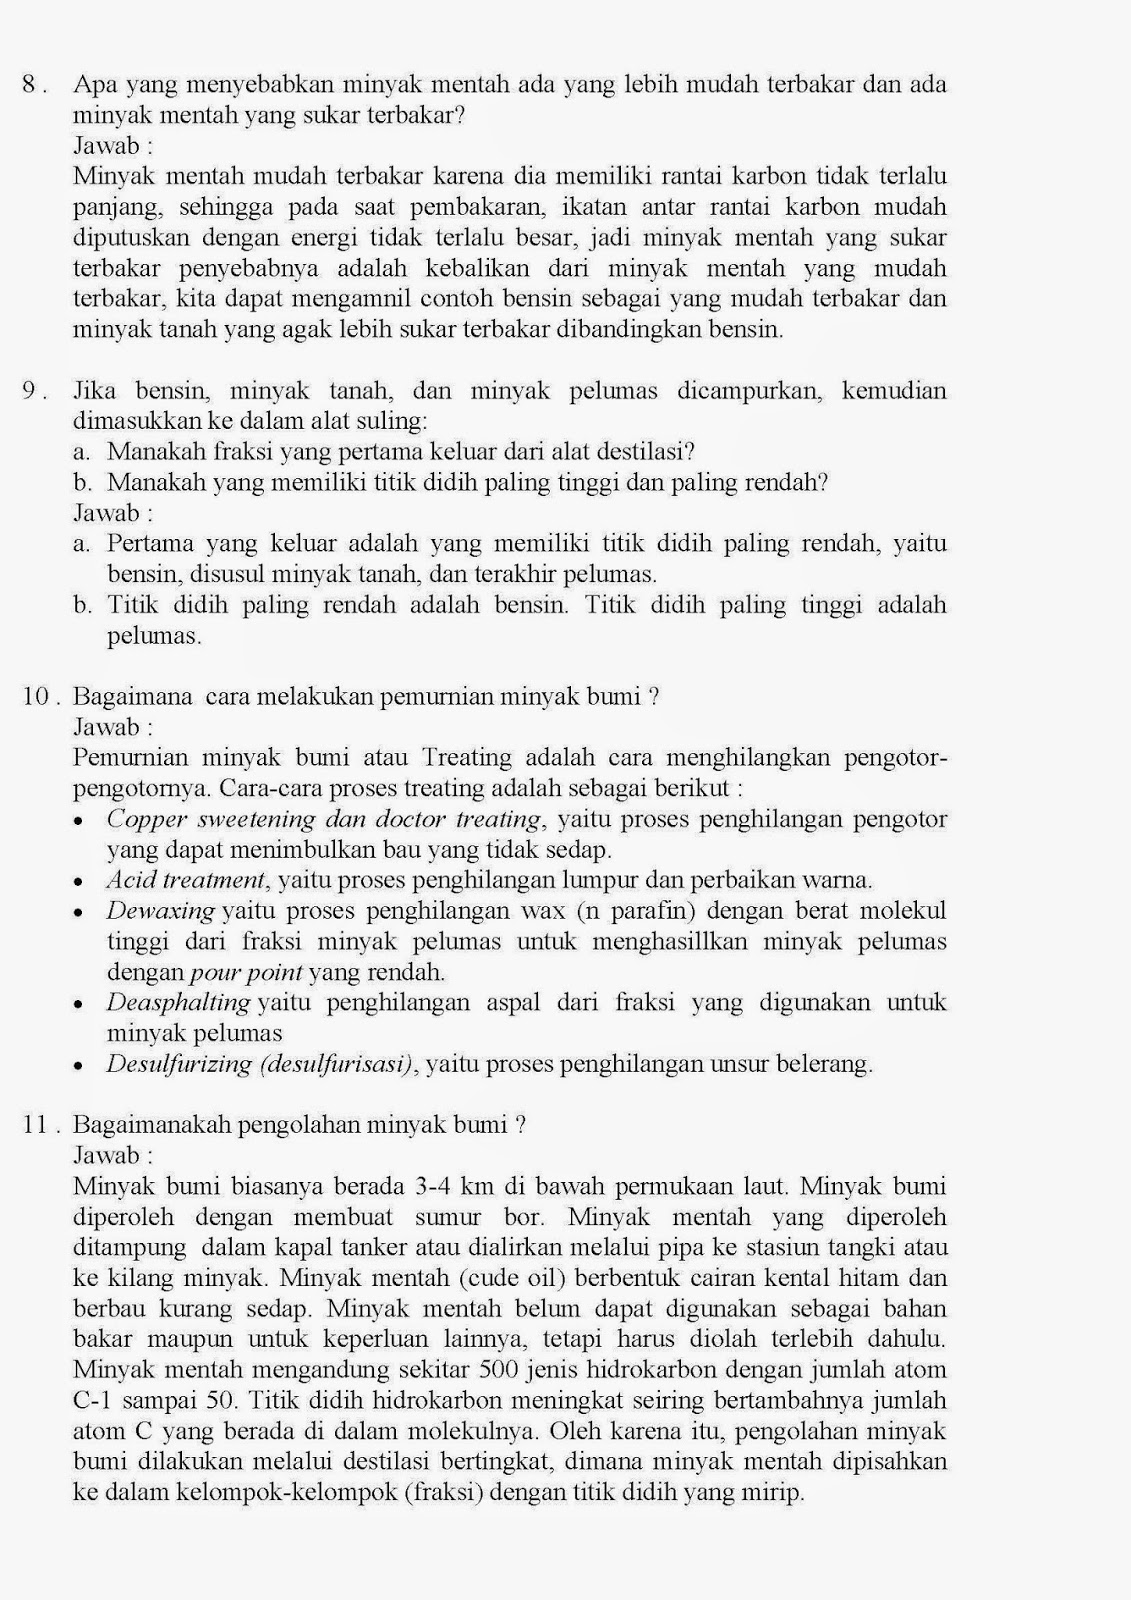 Contoh Soal Bahasa Indonesia Smk Kelas Xi Soal Bahasa Indonesia Kelas X In My Life Contoh